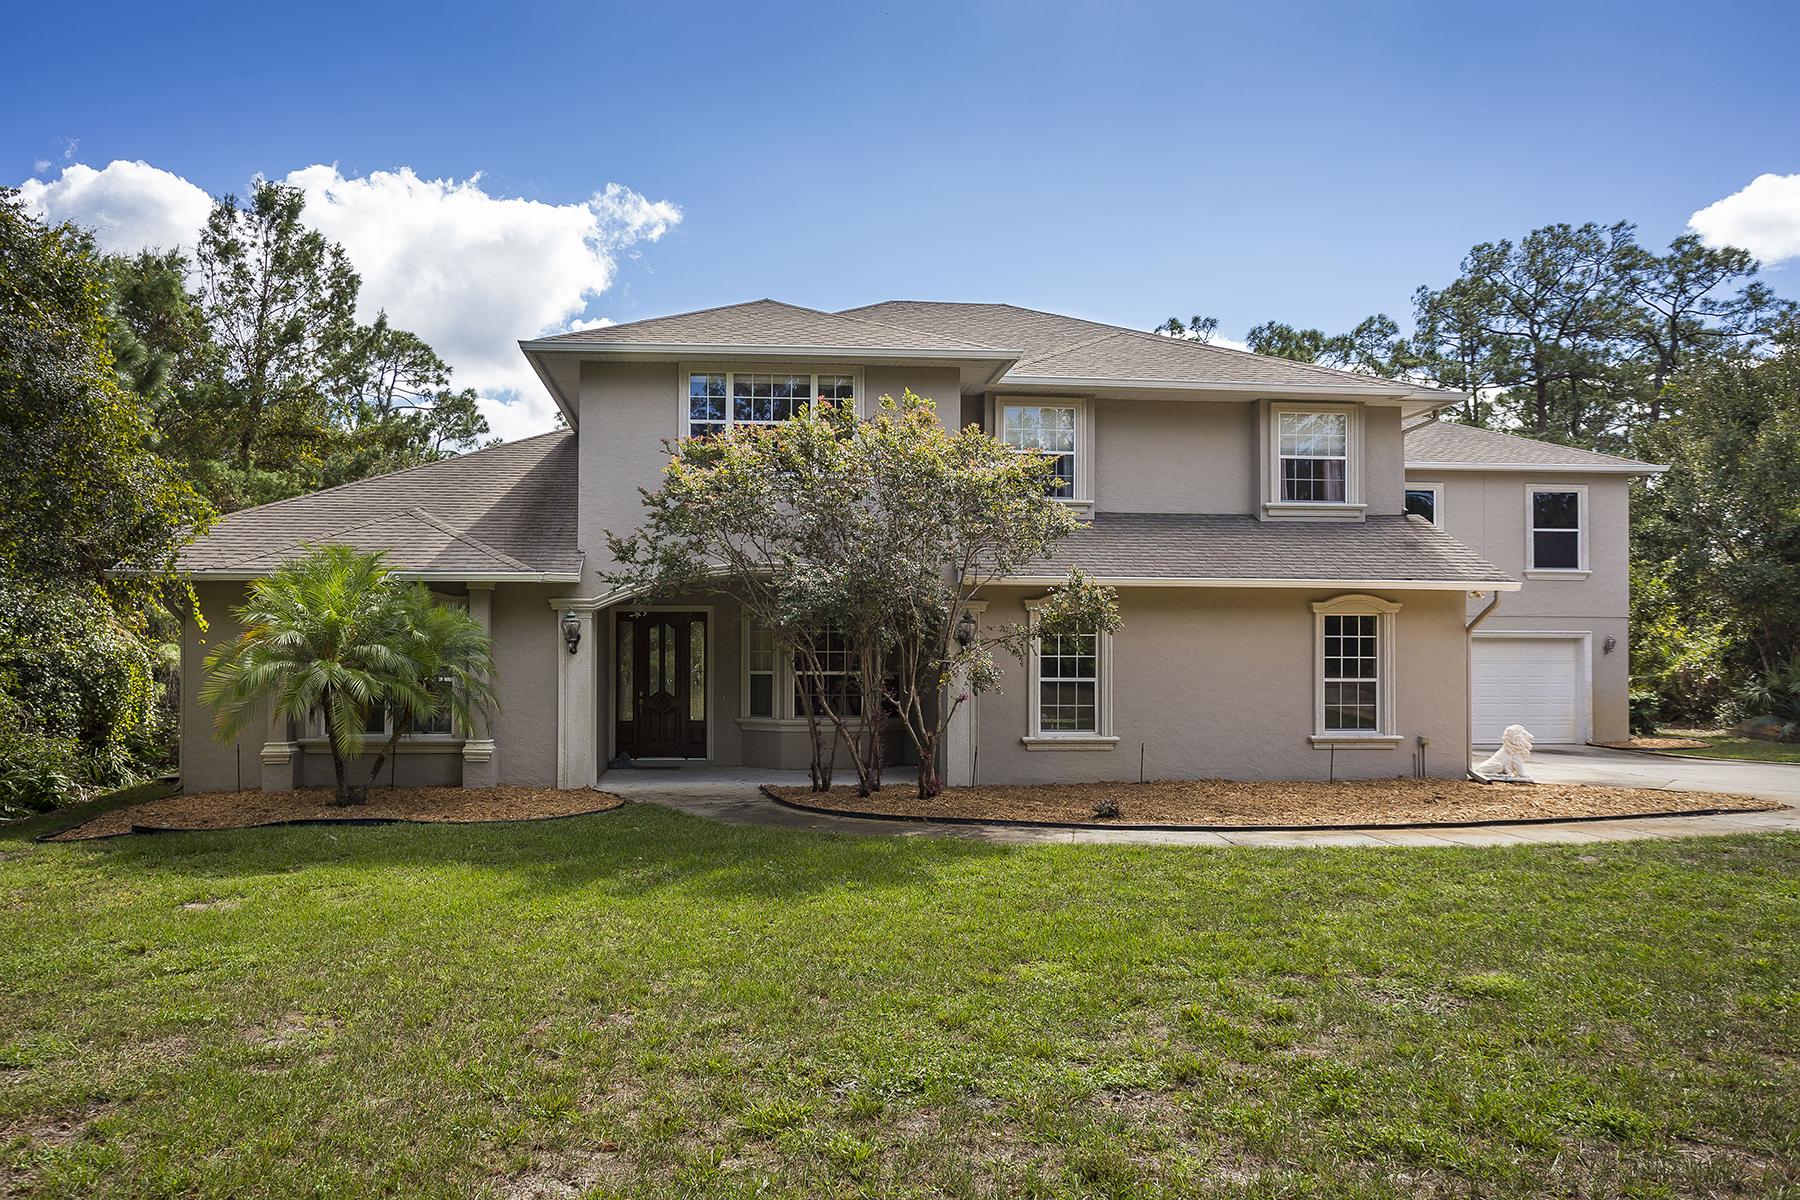 Tek Ailelik Ev için Satış at ORLANDO - GENEVA 1136 Apache Dr Geneva, Florida, 32732 Amerika Birleşik Devletleri